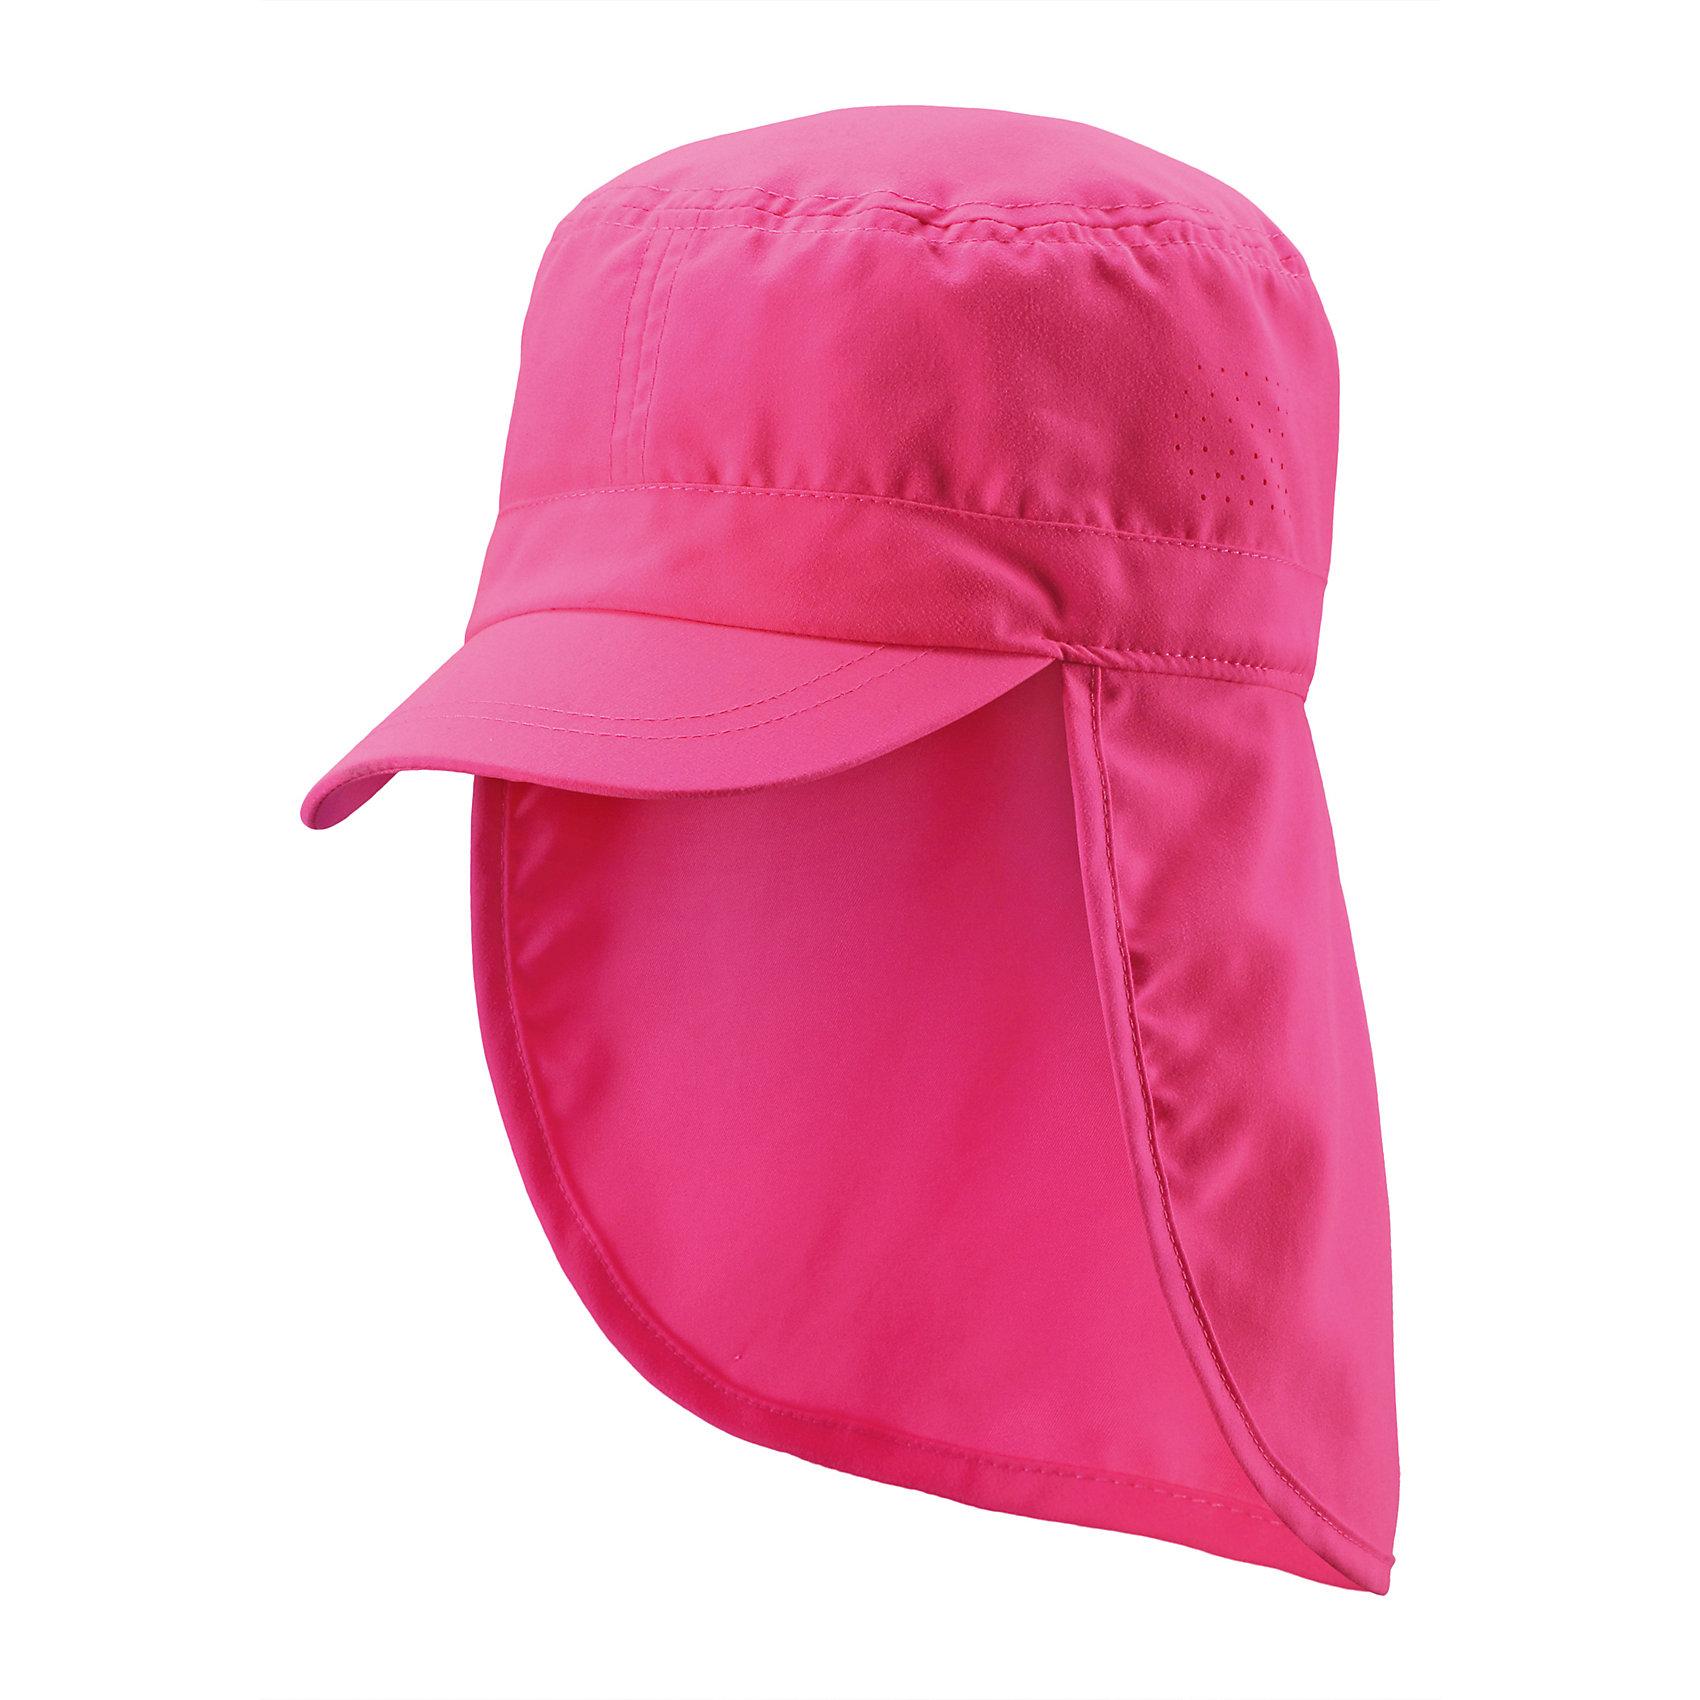 Кепка для девочки ReimaА давайте отправимся на солнечное сафари! Защитите шею и лицо с помощью классической шляпы из материала SunProof. Защитный головной убор для малышей и детей постарше разработан для разнообразнейших игр на солнце. Сделанная из водо- и грязеотталкивающего материала SunProof с УФ-фильтром 50+, шляпа обеспечивает эффективную защиту от вредных солнечных лучей.<br><br>Дополнительная информация:<br><br>Солнцезащитная панама для детей и малышей<br>Фактор защиты от ультрафиолета 50+<br>Удлинненый край изделия защищает шею<br>Боковые отверстия для вентиляции<br>Состав:<br>100% ПЭ<br>Уход:<br>Стирать по отдельности. Полоскать без специального средства. Сушить при низкой температуре.<br><br>Ширина мм: 89<br>Глубина мм: 117<br>Высота мм: 44<br>Вес г: 155<br>Цвет: розовый<br>Возраст от месяцев: 12<br>Возраст до месяцев: 24<br>Пол: Женский<br>Возраст: Детский<br>Размер: 48,50,52,56,54<br>SKU: 4498799